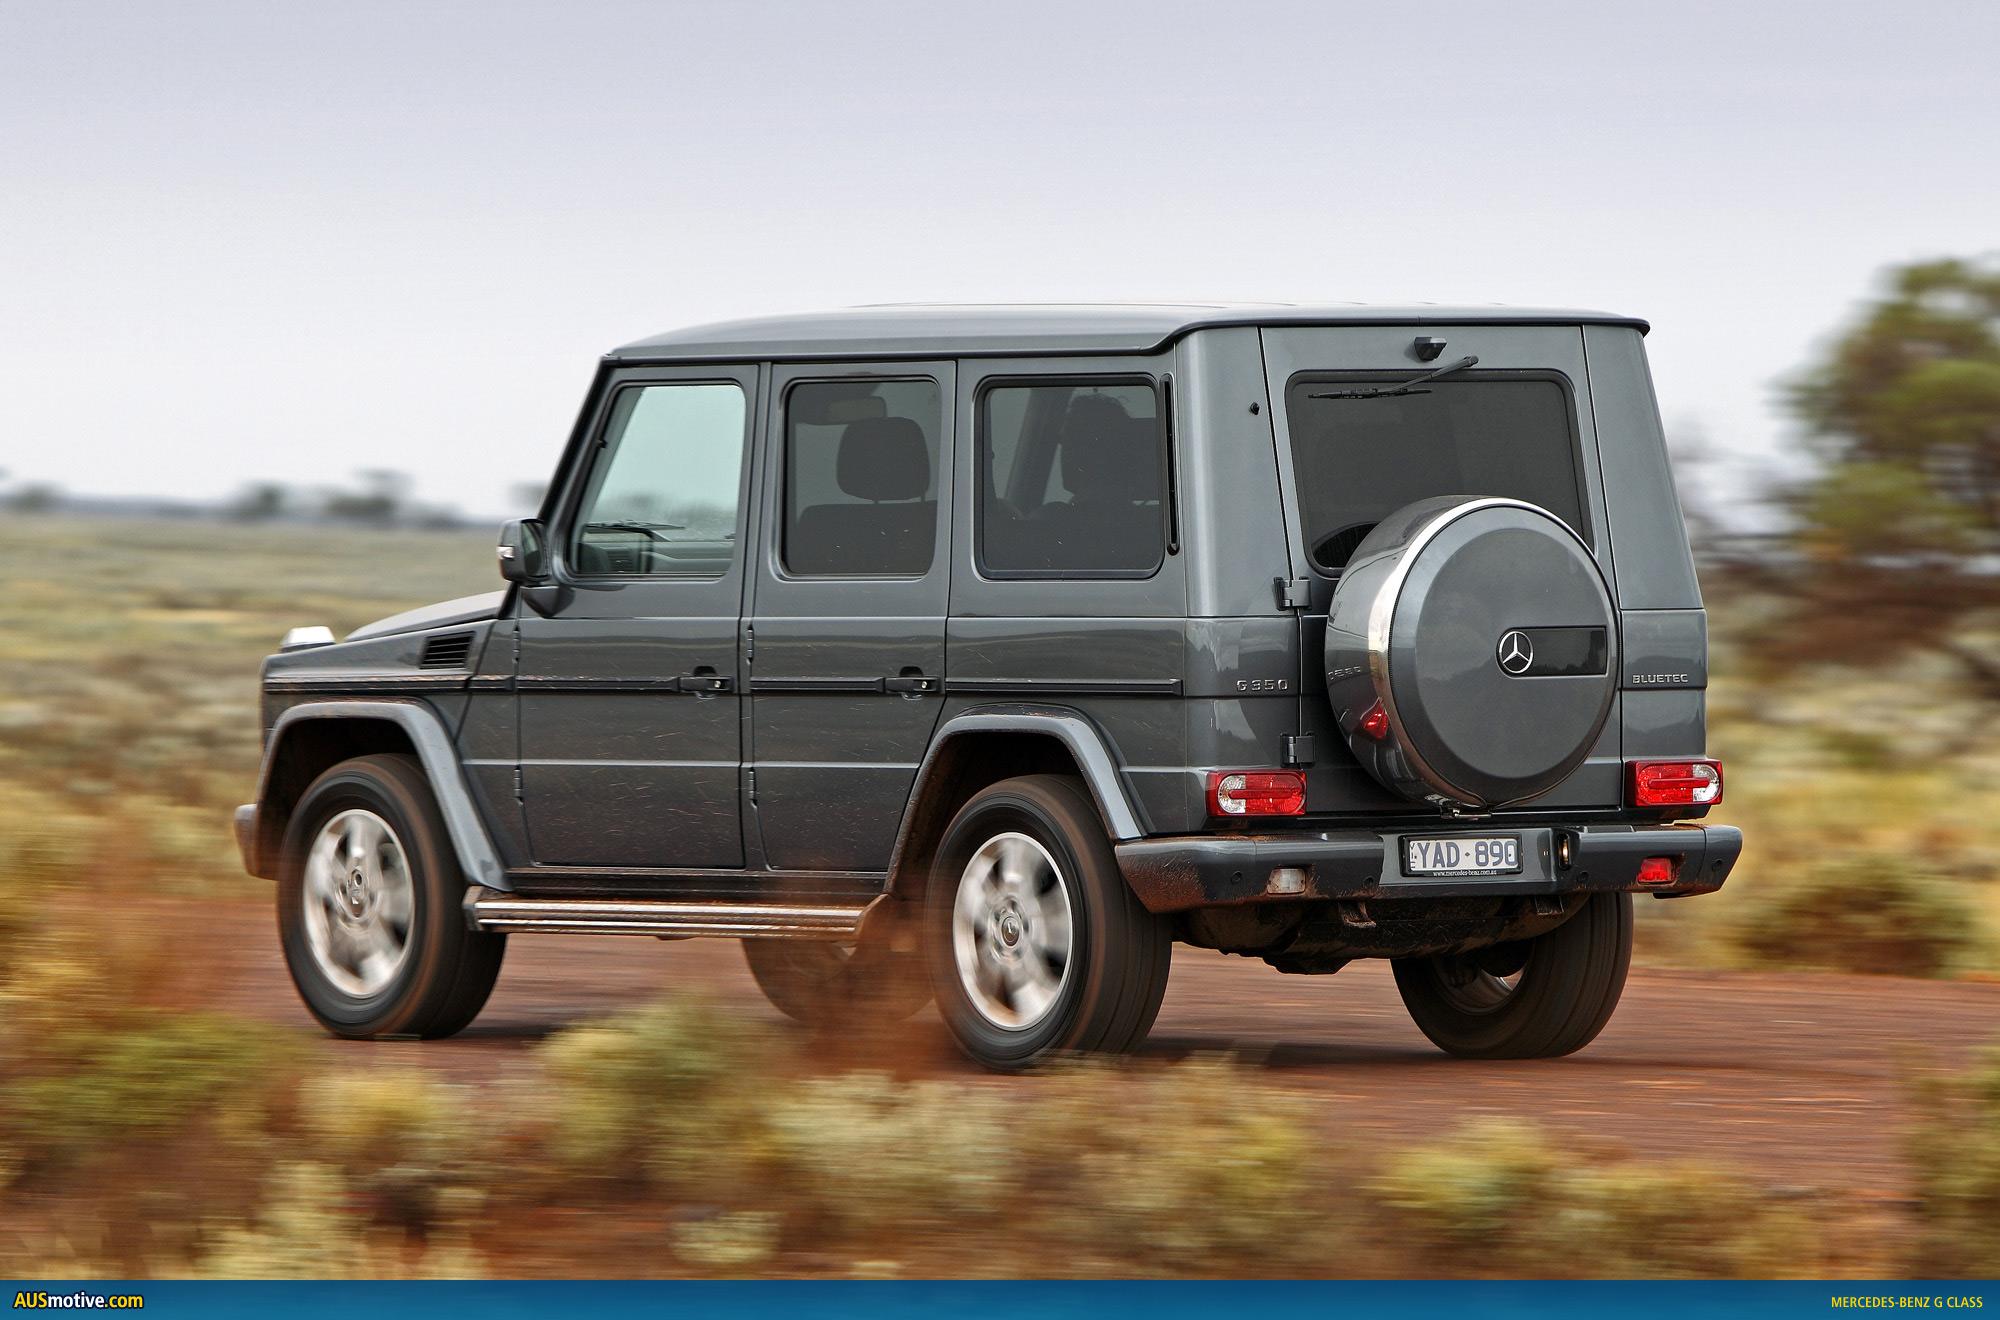 Mercedes benz g class australian pricing for Mercedes benz g class truck price